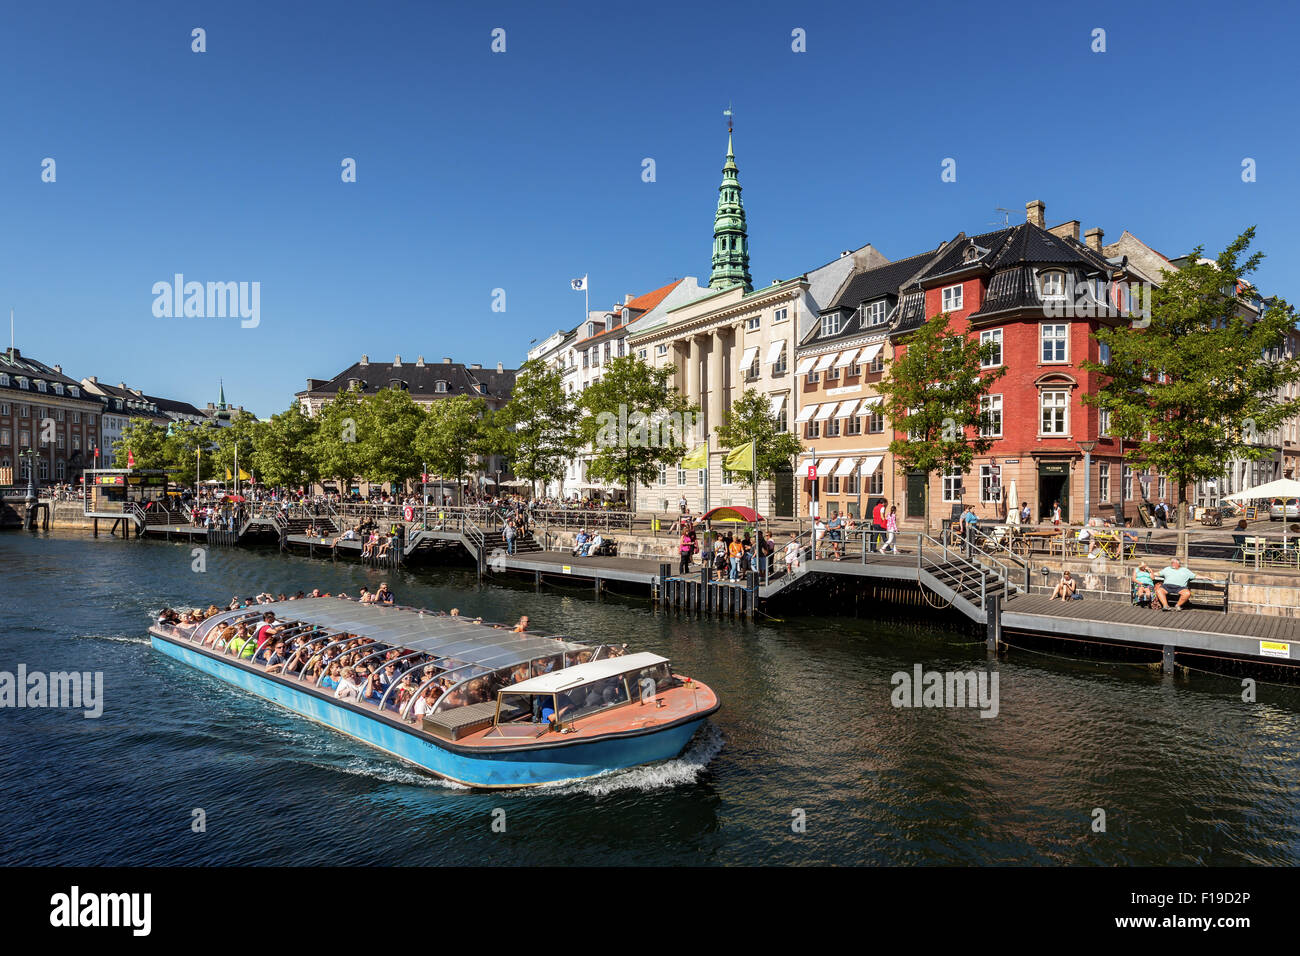 Tourenboot mit Touristen in Kopenhagen Canal, Kopenhagen, Dänemark Stockbild